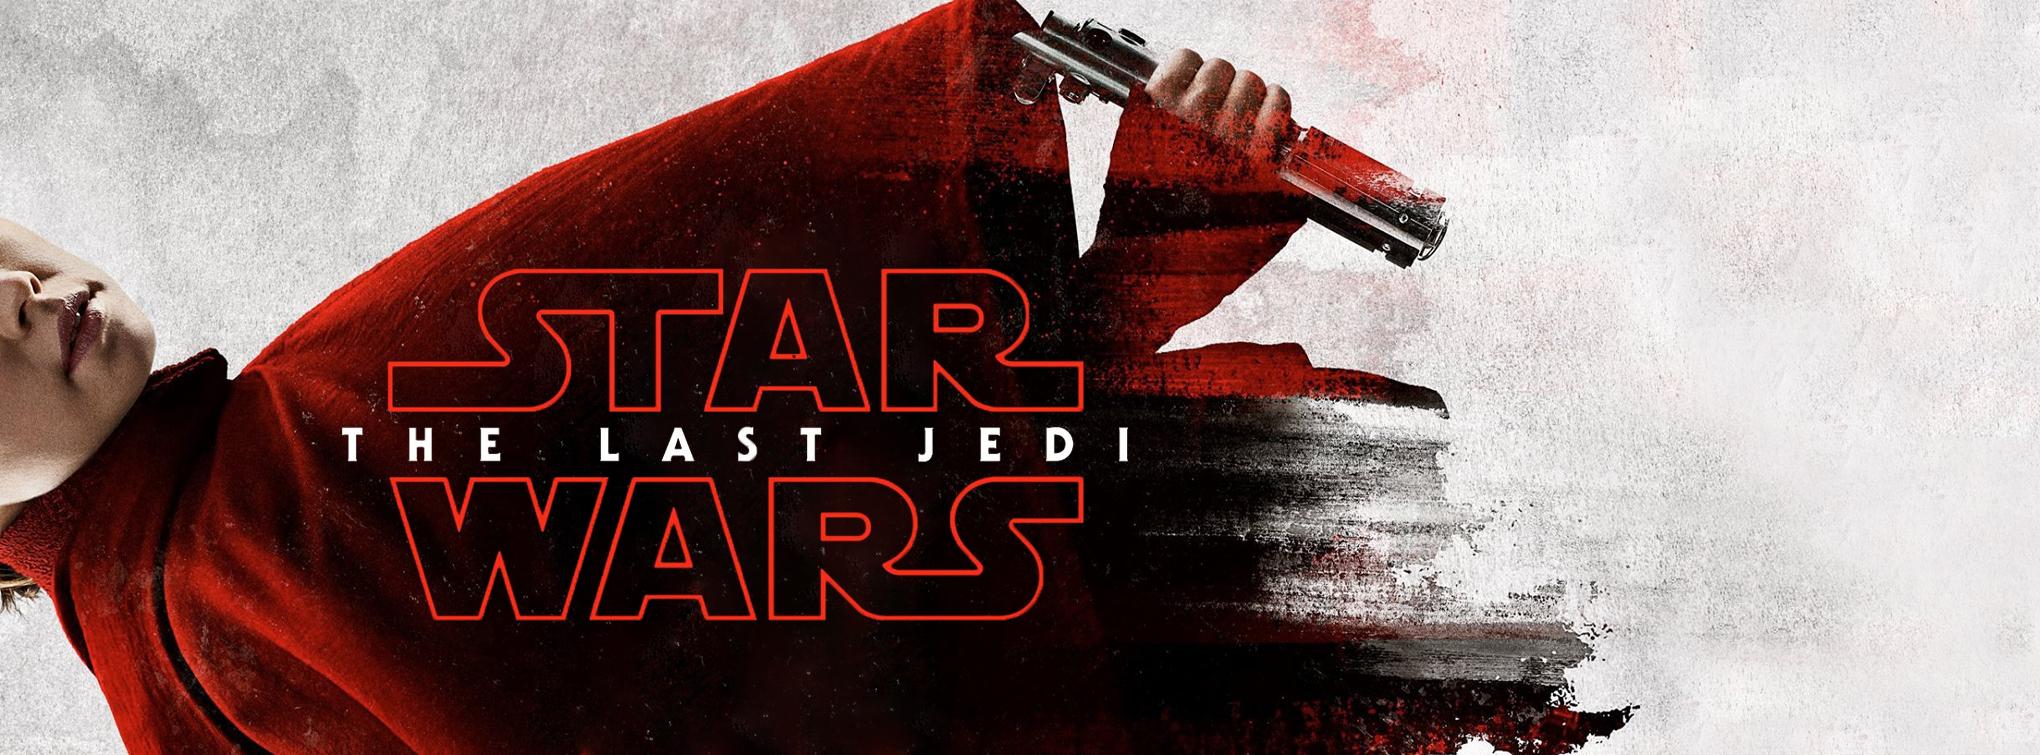 Slider image for Star Wars: The Last Jedi